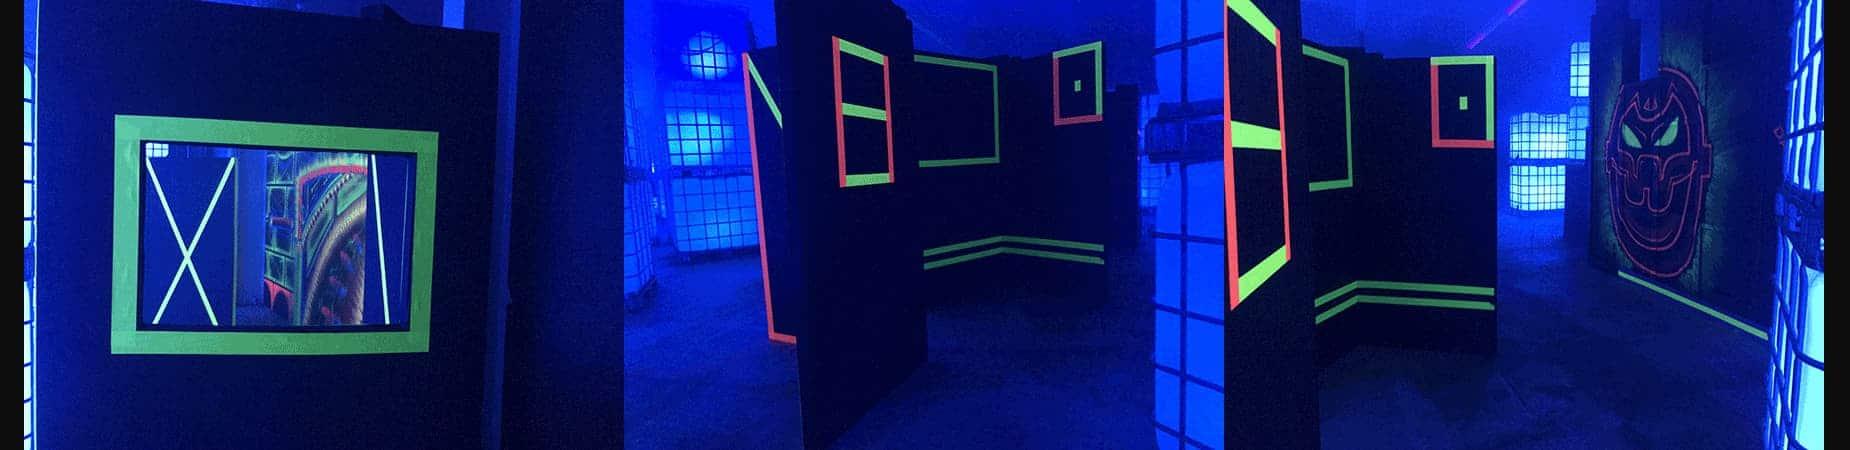 LaserTag bei Unna spielen